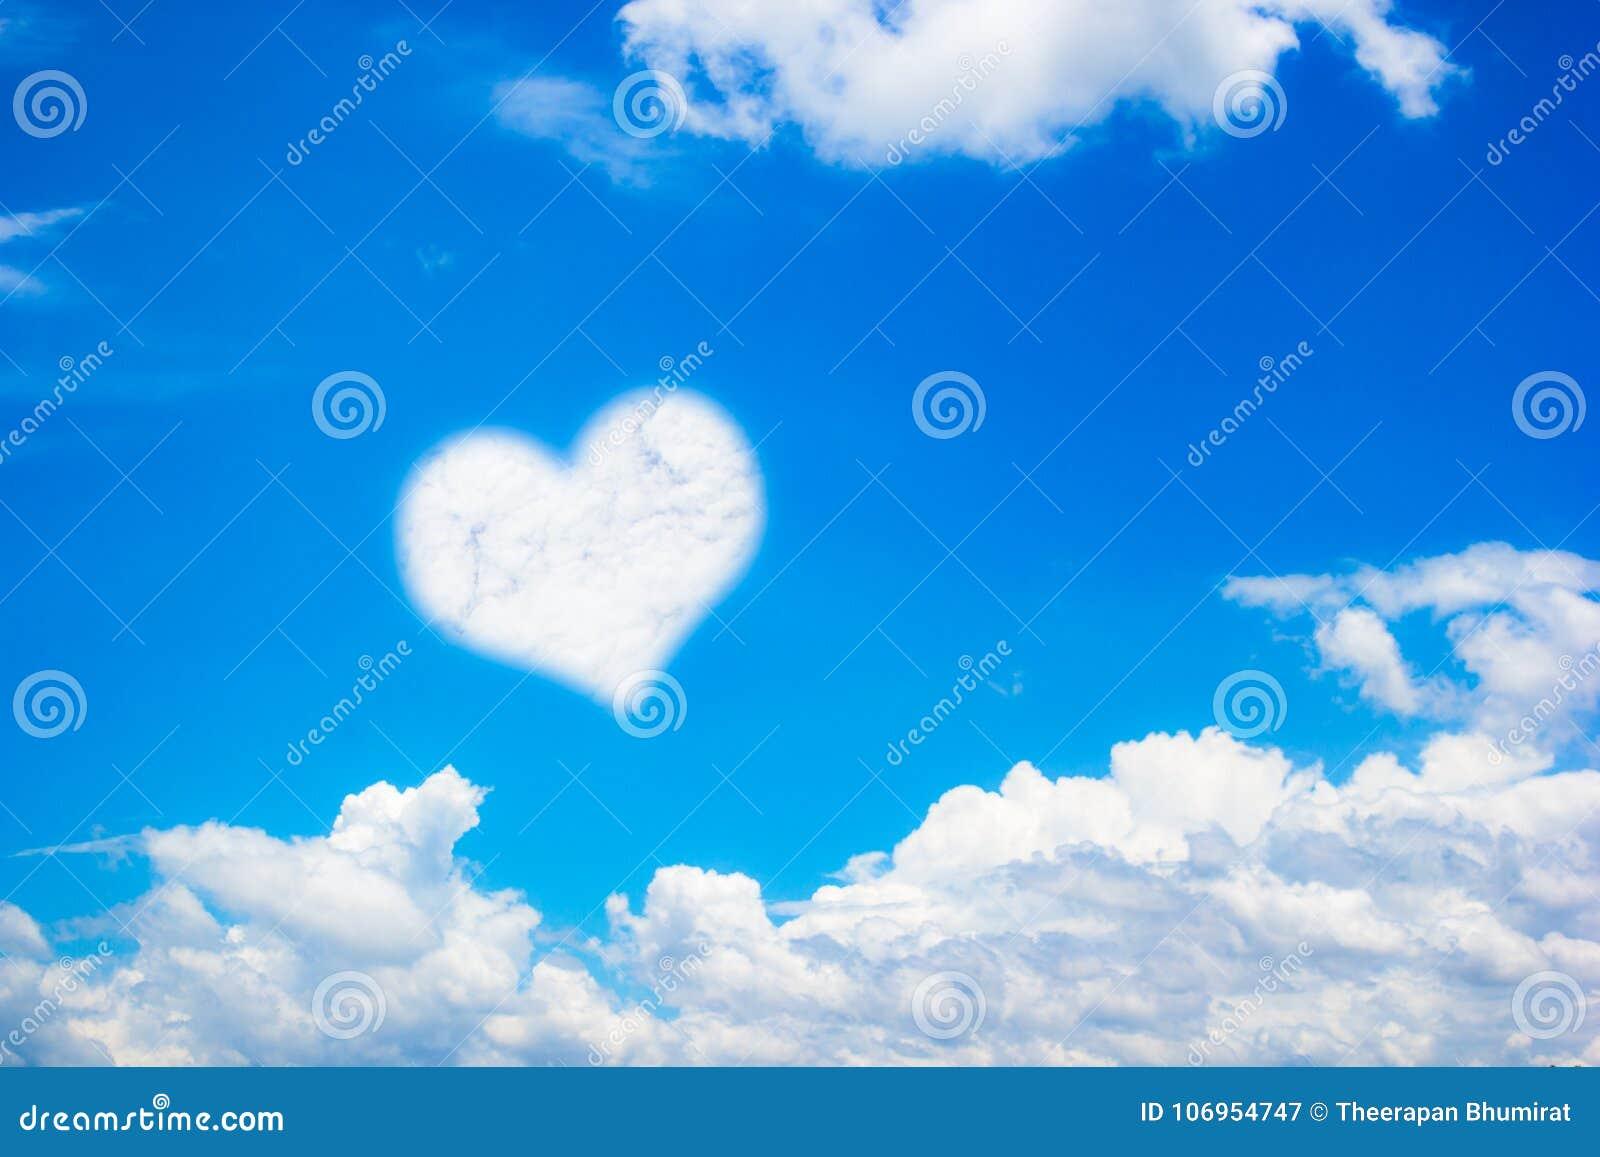 La Forme De Coeur Opacifie Sur Le Fond De Ciel Bleu Avec L Espace De